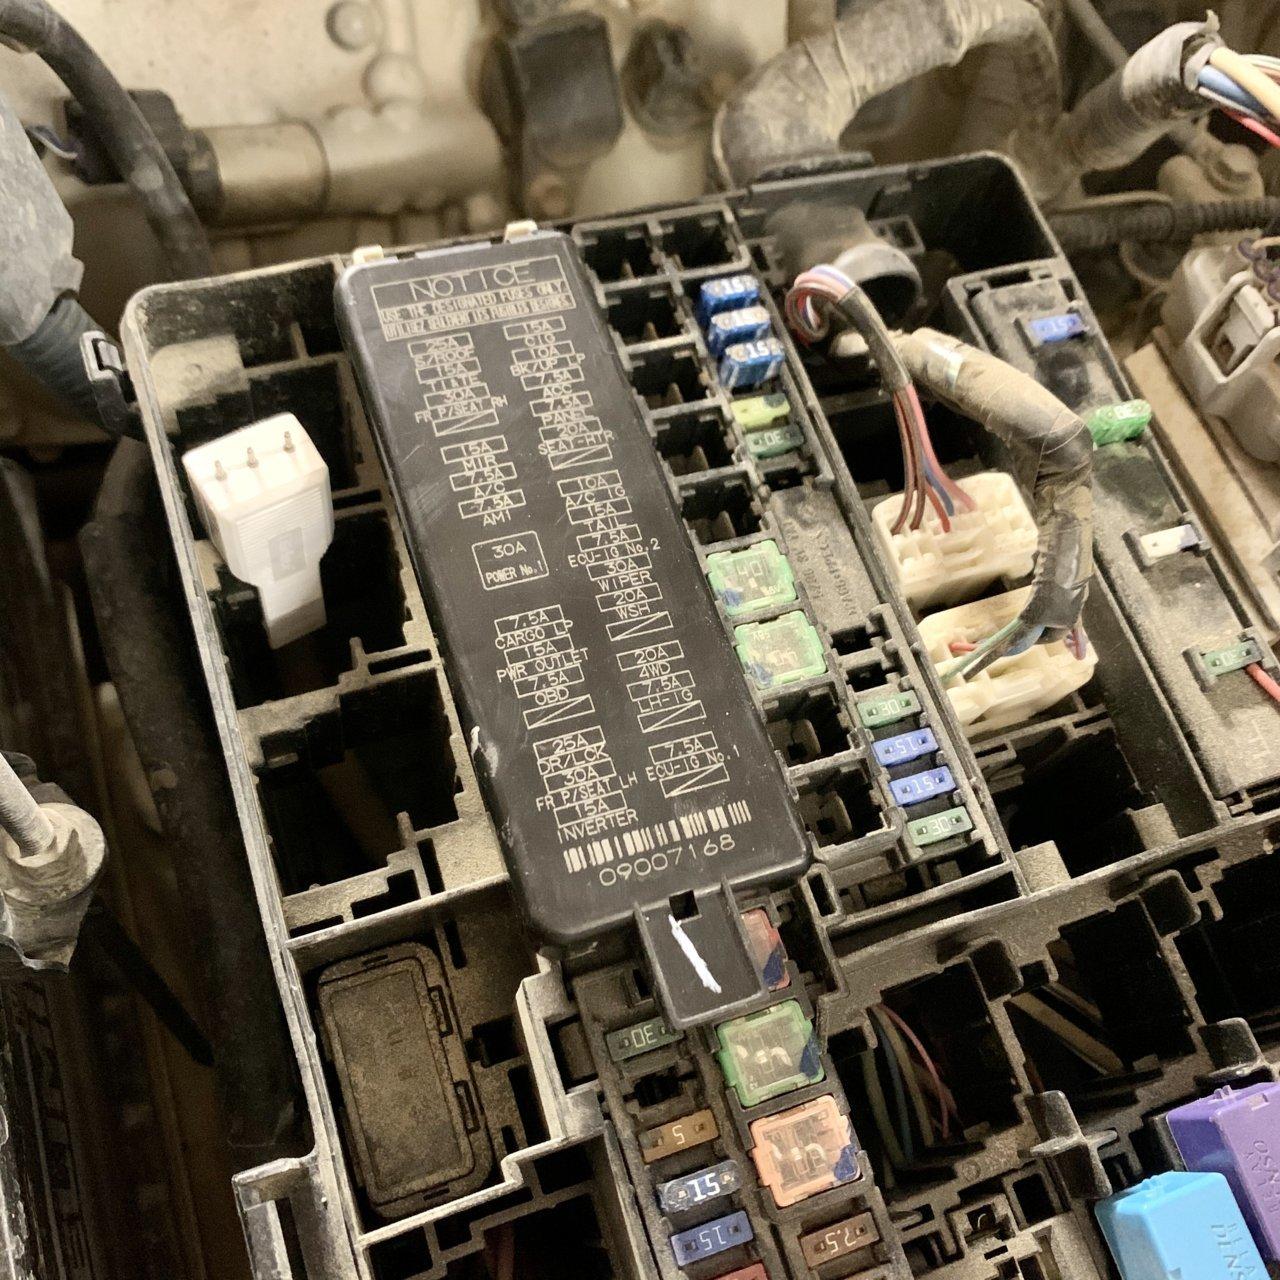 2A1115B1-3FDF-4EF5-B57C-27CD33356F64.jpg